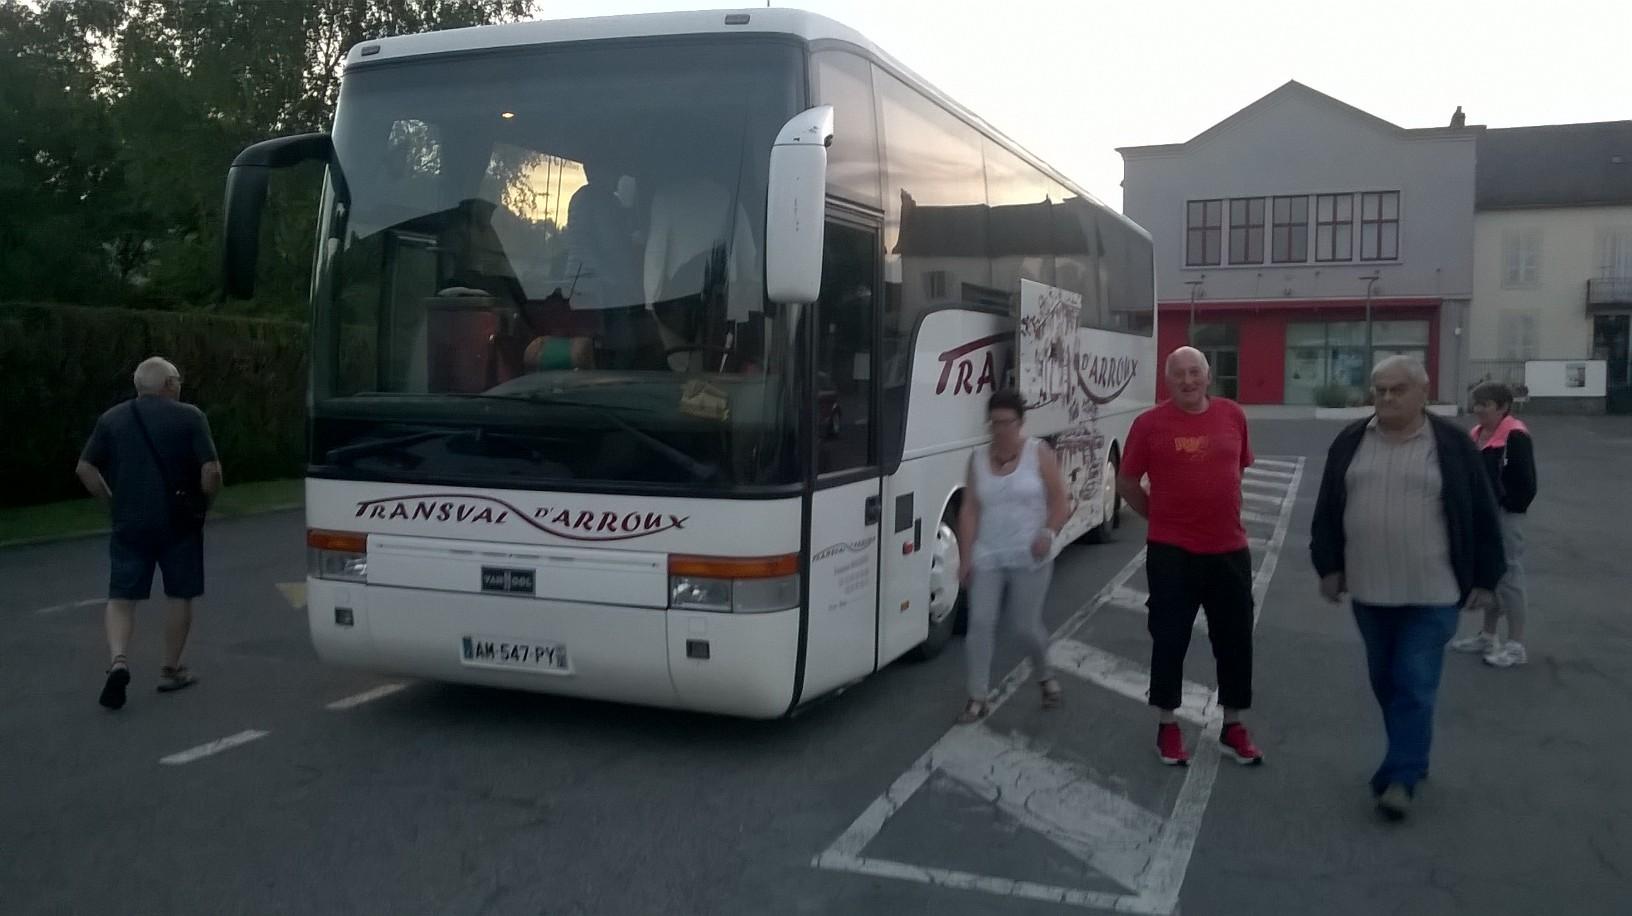 Voyage 2017 depart bus n 2